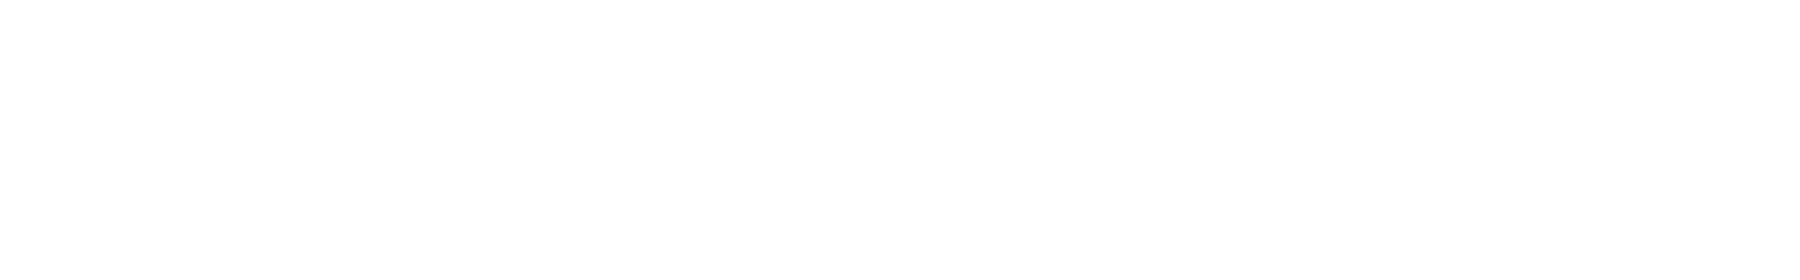 shg synth loop 13